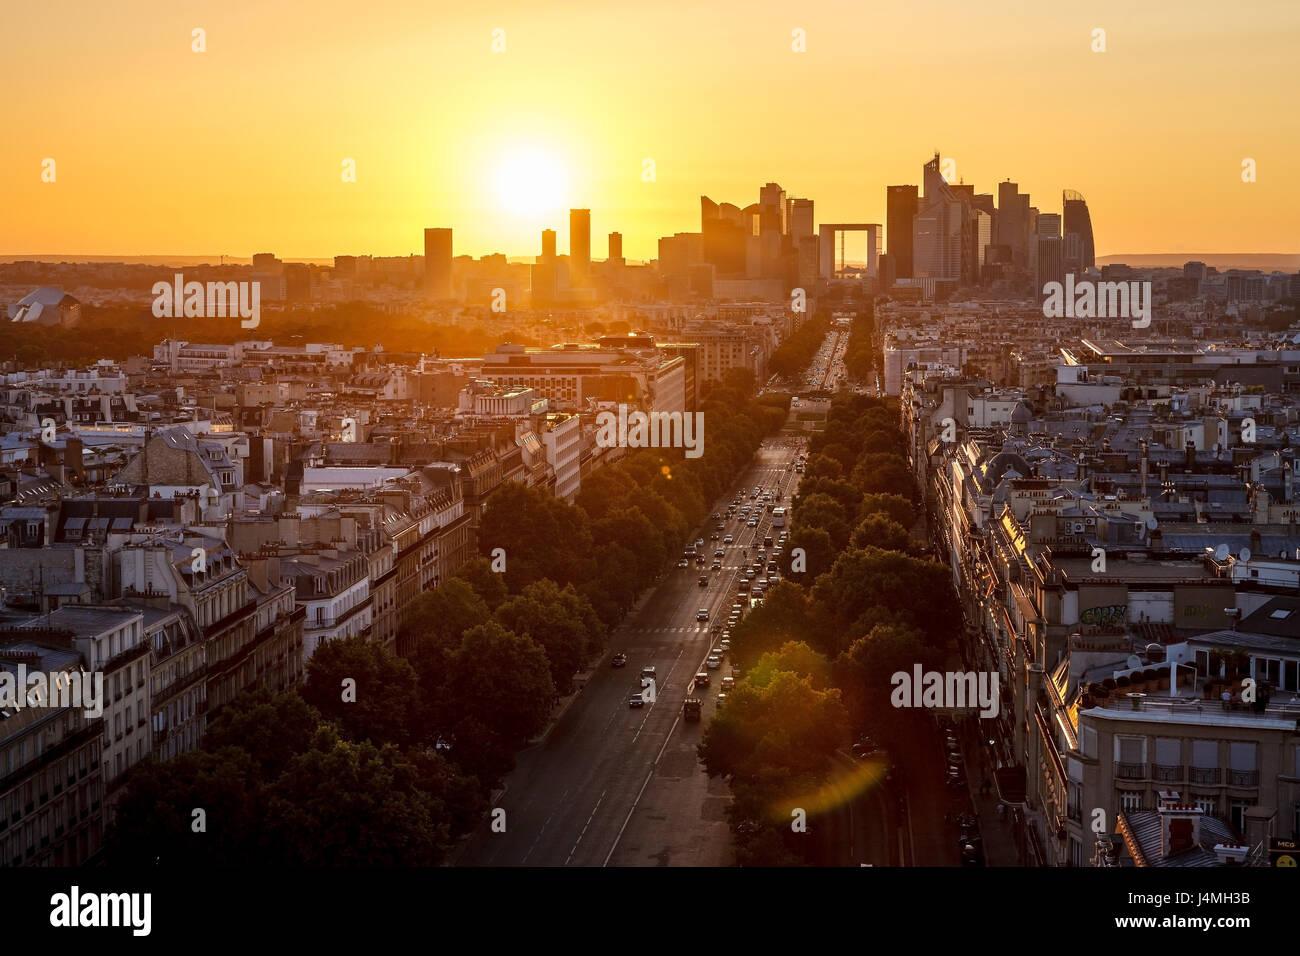 Avenue de la Grande Armée et la défense nationale quartier de Paris au coucher du soleil. France Photo Stock